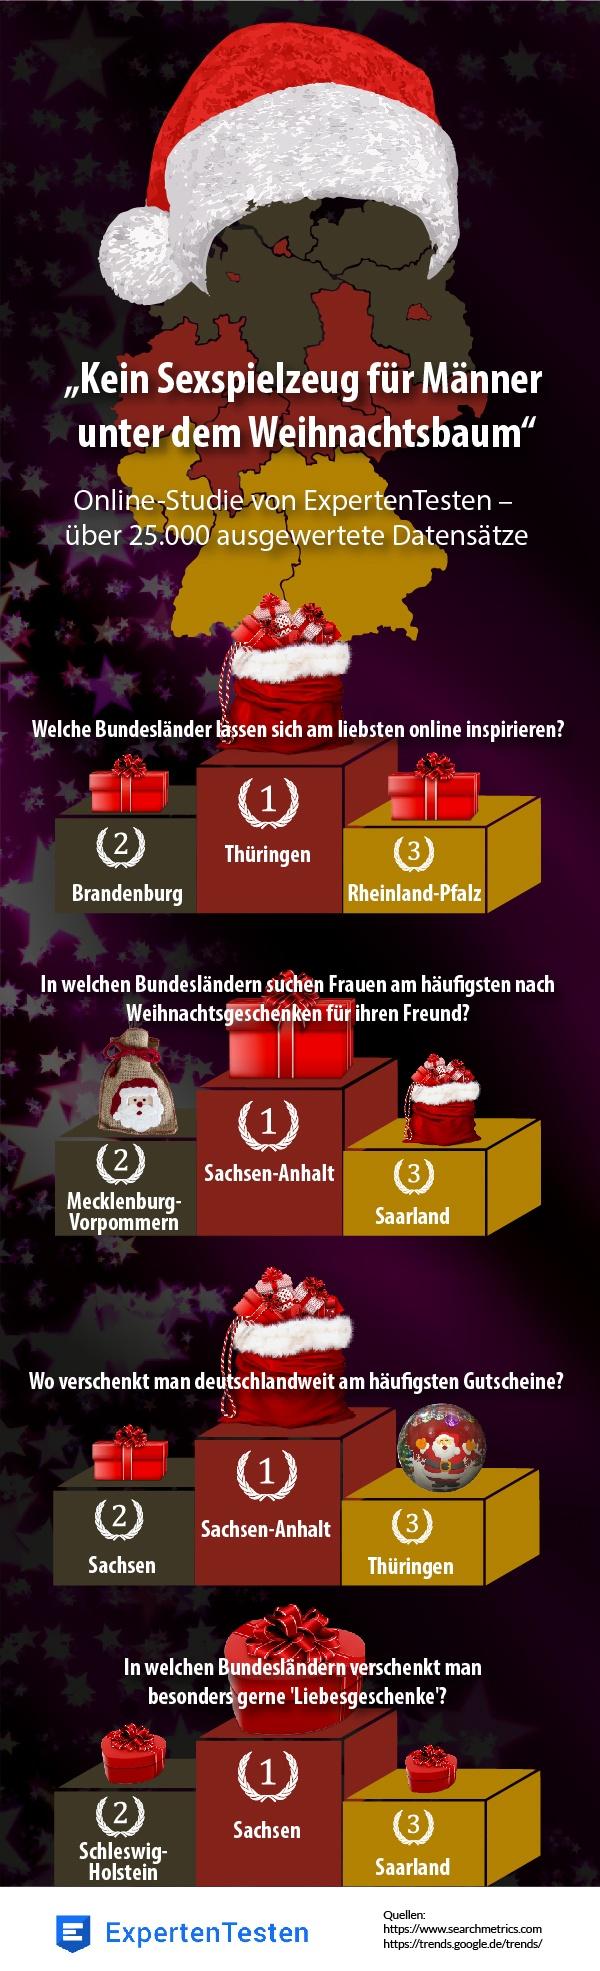 Infografik ExpertenTesten - So schenken die Deutschen zu Weihnachten